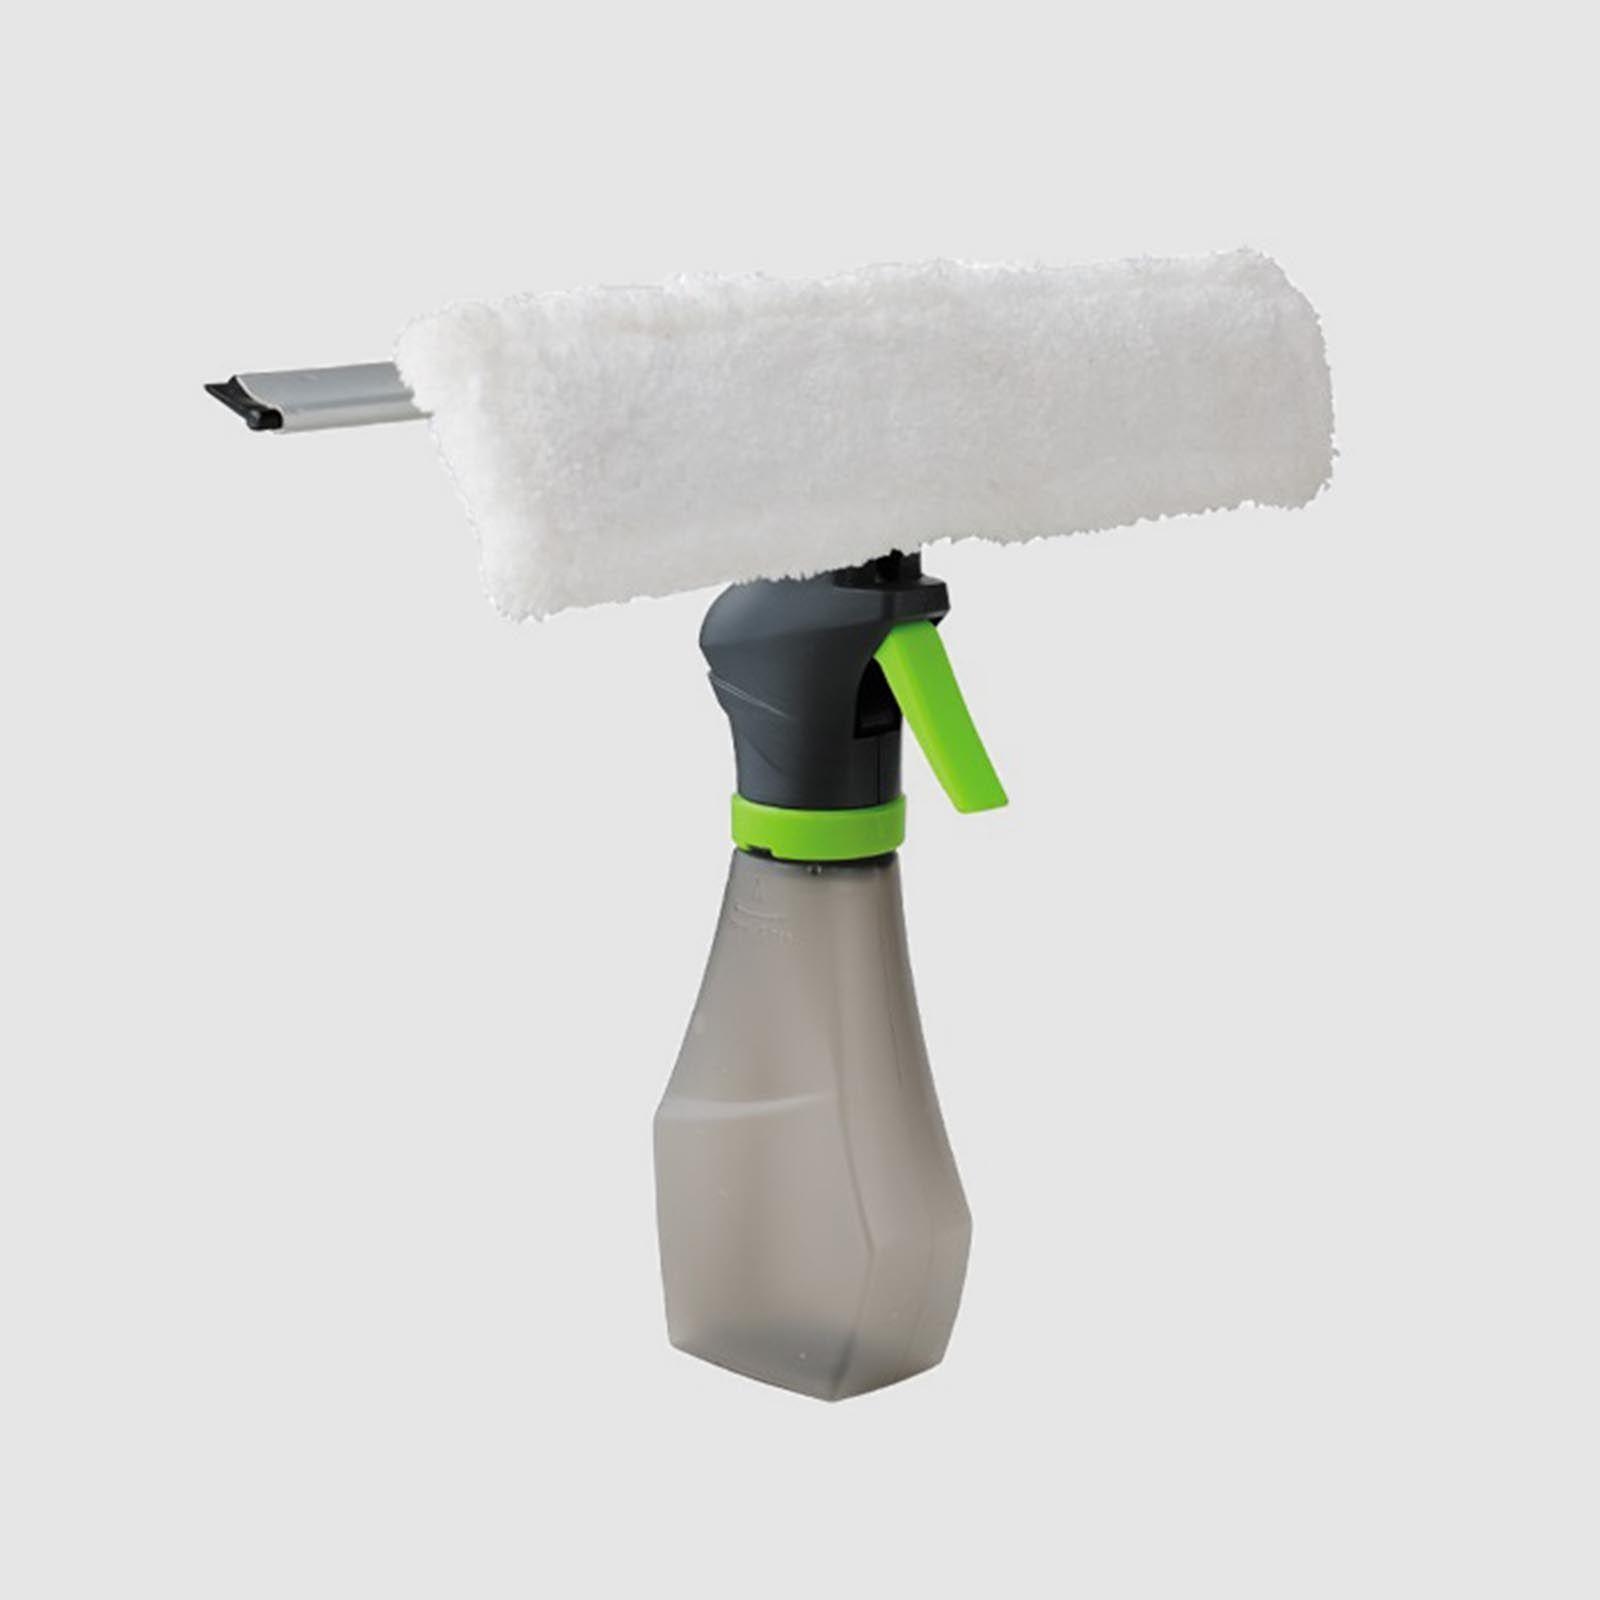 Щетка-водосгон для окон с распылителем Joyclean Water Spraying Window Cleaner (JNW-01)Магнитные щетки для мытья окон<br>Щетка-водосгон для окон с распылителем Joyclean Water Spraying Window Cleaner<br><br> Предстоящее мытье окон каждый раз заставляет вас нервничать и чувствовать себя несчастной? Вас раздражают мутные разводы на стекле после мытья? Хотите найти способ быстрого и качественного мытья окон?<br><br><br> Мы готовы предложить вам прекрасное решение всех этих проблем – вам нужно только купить щетку-водосгон для окон Joyclean Water Spraying Window Cleaner, а все остальное она сделает сама.<br><br><br> Недорогая щетка превратить мытье окон в быстрое, легкое и приятное занятие.<br><br><br><br><br>Особенности щетки-водосгона для окон с распылителем<br><br> Мытье окон для большинства хозяек сродни самому страшному кошмару, который может растянуться на целый день. Все эти тазики с мыльным раствором, бесконечные тряпки и приспособления не дают ожидаемого эффекта – на стекле остаются предательские разводы, оттирать которые приходится потом очень долго.<br><br><br> В результате вы полностью обессилены и настроение на нуле.<br><br><br> К счастью, у нас есть решение – недорогая щетка-водосгон для окон с распылителем перевернет ваше представление о мойке окон.<br><br><br> Ее основная особенность в том, что в одном приборе фактически сочетаются целых три приспособления – пульверизатор, водосгон и насадка из микрофибры, заменяющая тряпки.<br><br><br> Если остановиться на конструкции Super Spray Cleaner более подробно, то вы увидите, что щетка имеет встроенный резервуар, в который можно налить воду или специальное моющее средство для стекол, с пульверизатором. Такое сочетание позволяет не отвлекаться на смачивание тряпки в тазике и ее постоянное отмывание от уличной грязи. Всего несколько распылений и поверхность надежно увлажнена.<br><br><br> Микрофибра в насадке для мытья позволяет быстро и эффективно смыть грязь с поверхности стекла, не царапая его. Это процесс схож с 